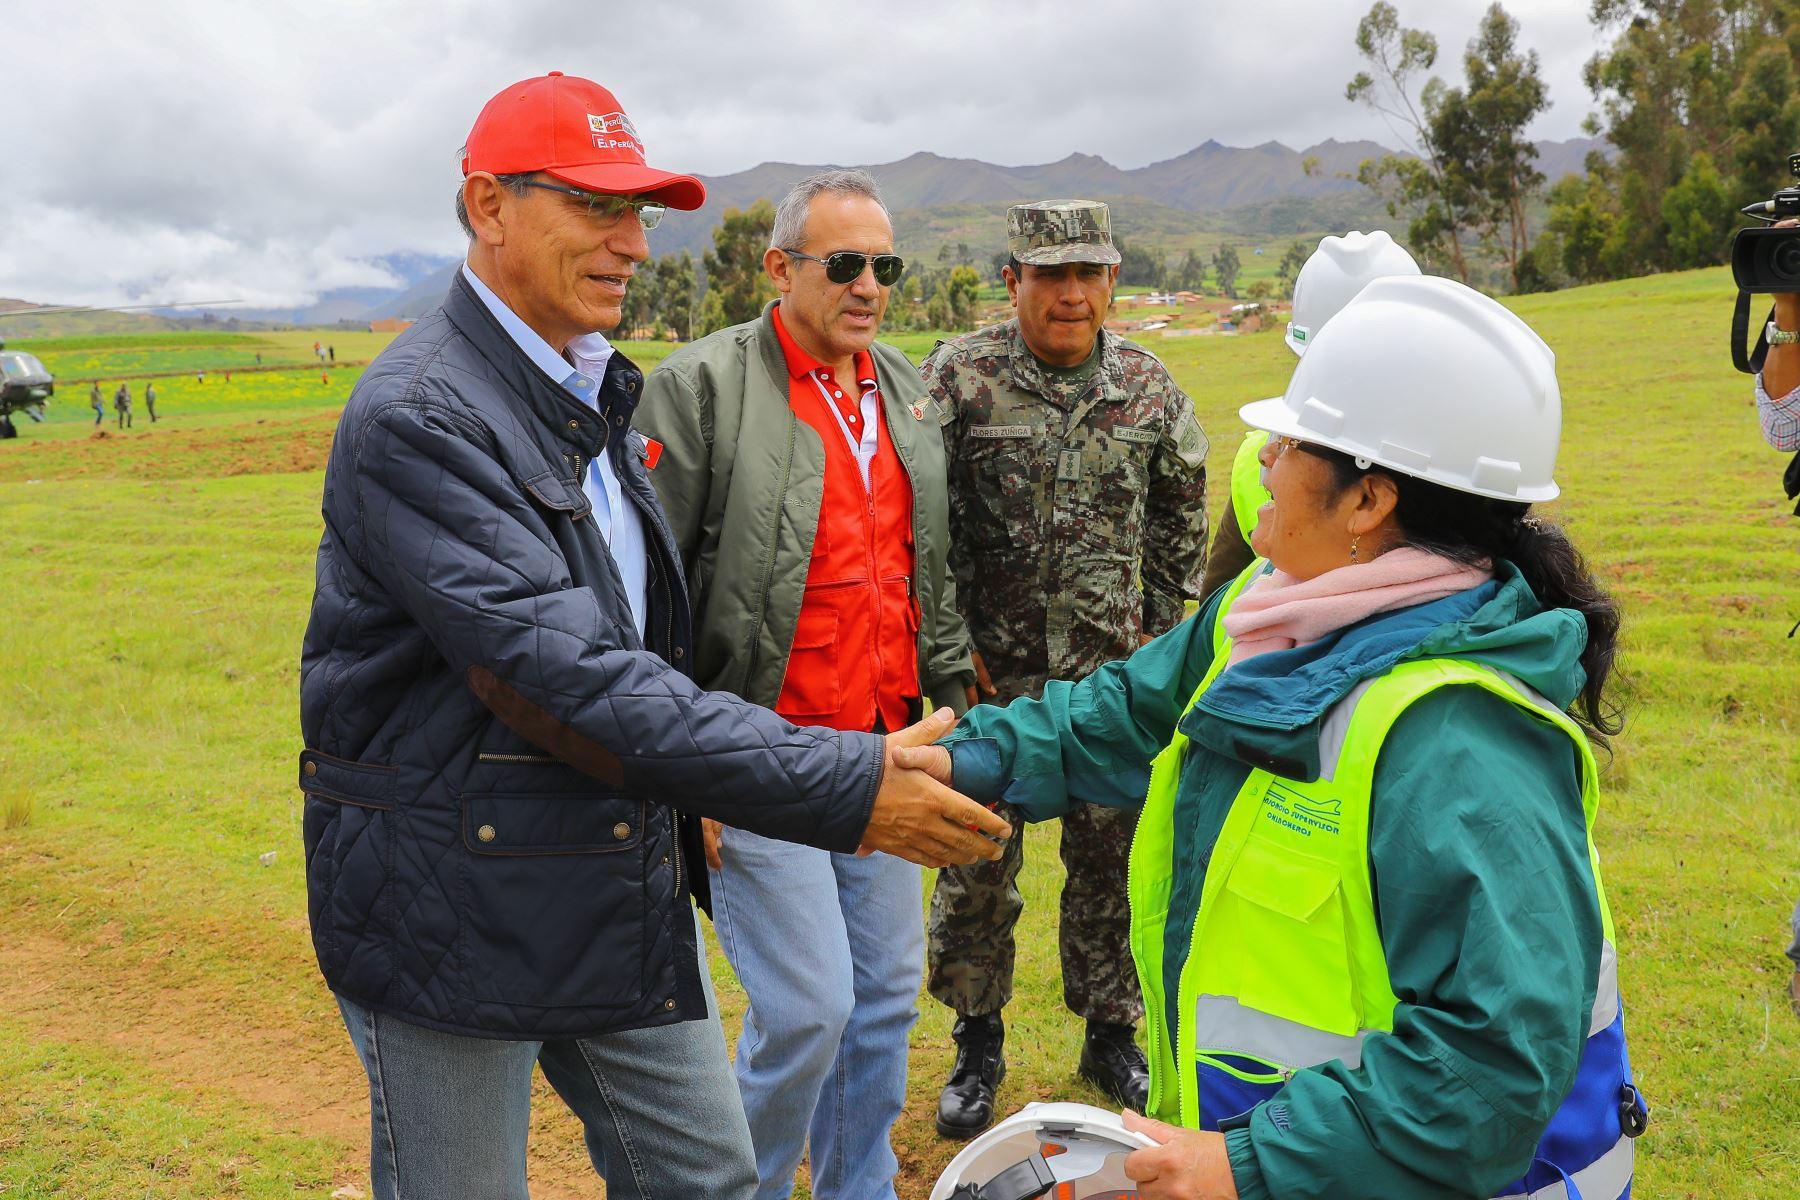 El mandatario acudió a la zona afectada para supervisar zonas afectadas y entregar ayuda humanitaria. (Foto: Andina)